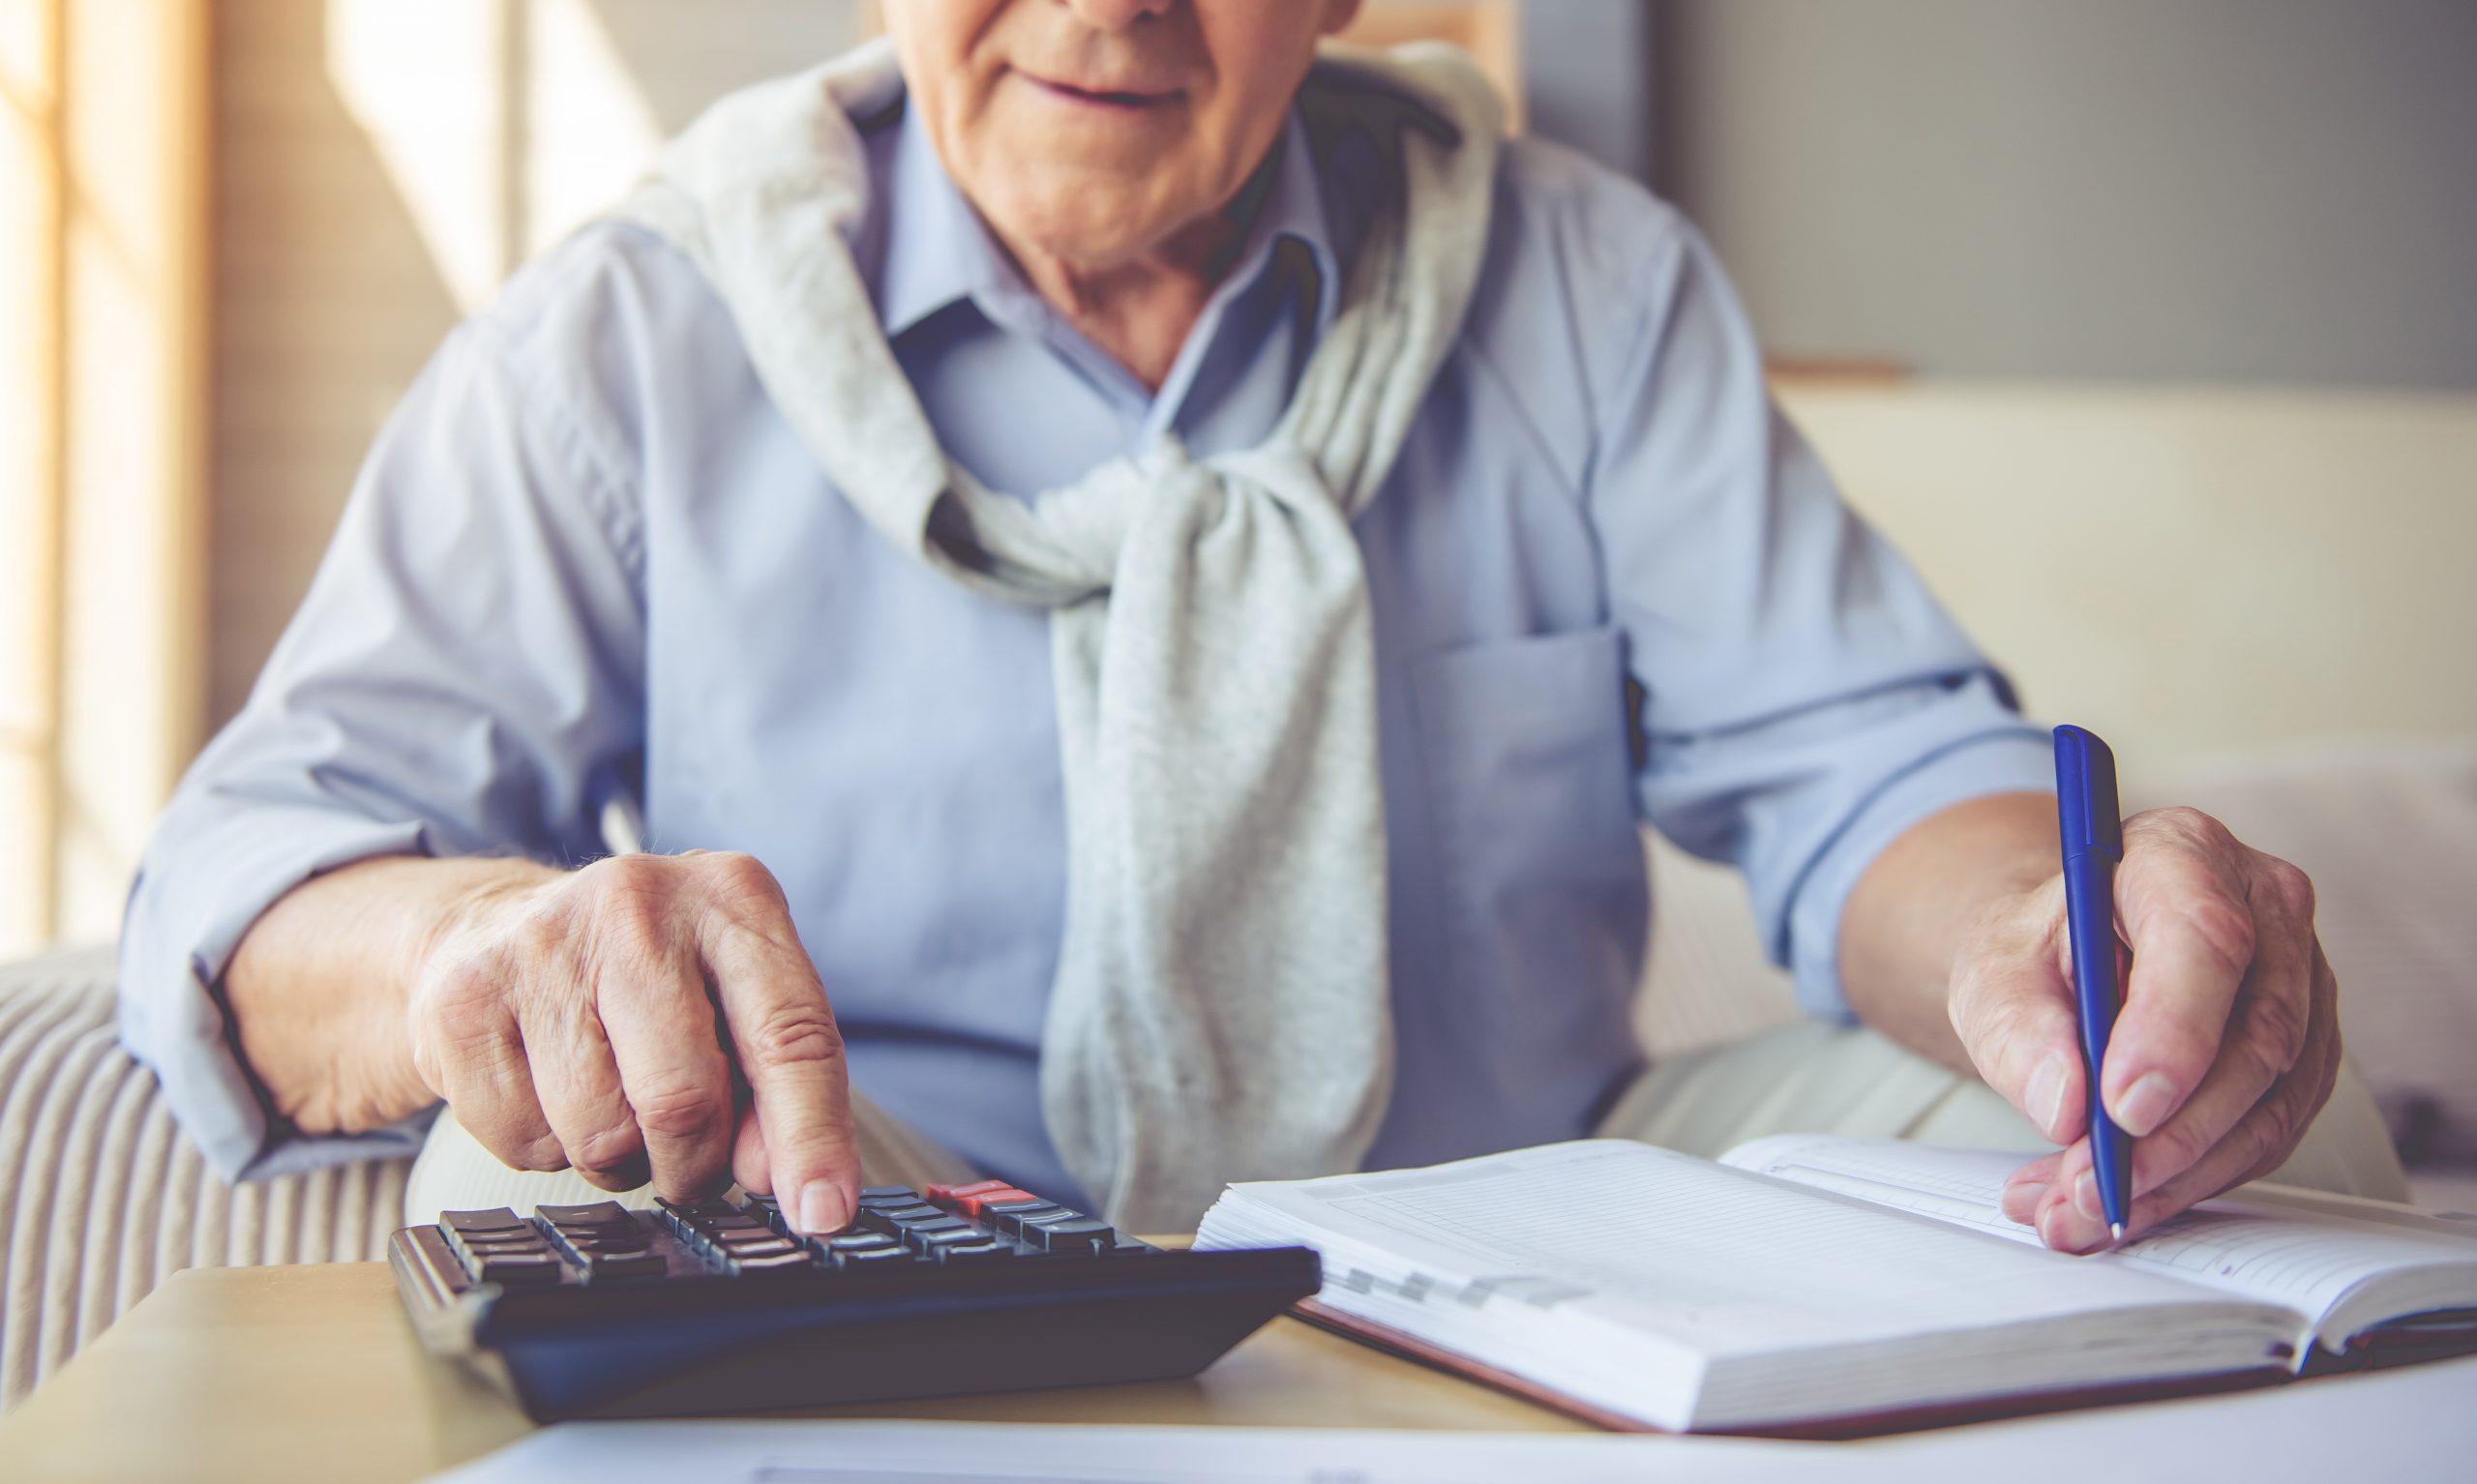 老後に必要な貯蓄額はいくら?足りない場合はどうすればいい?